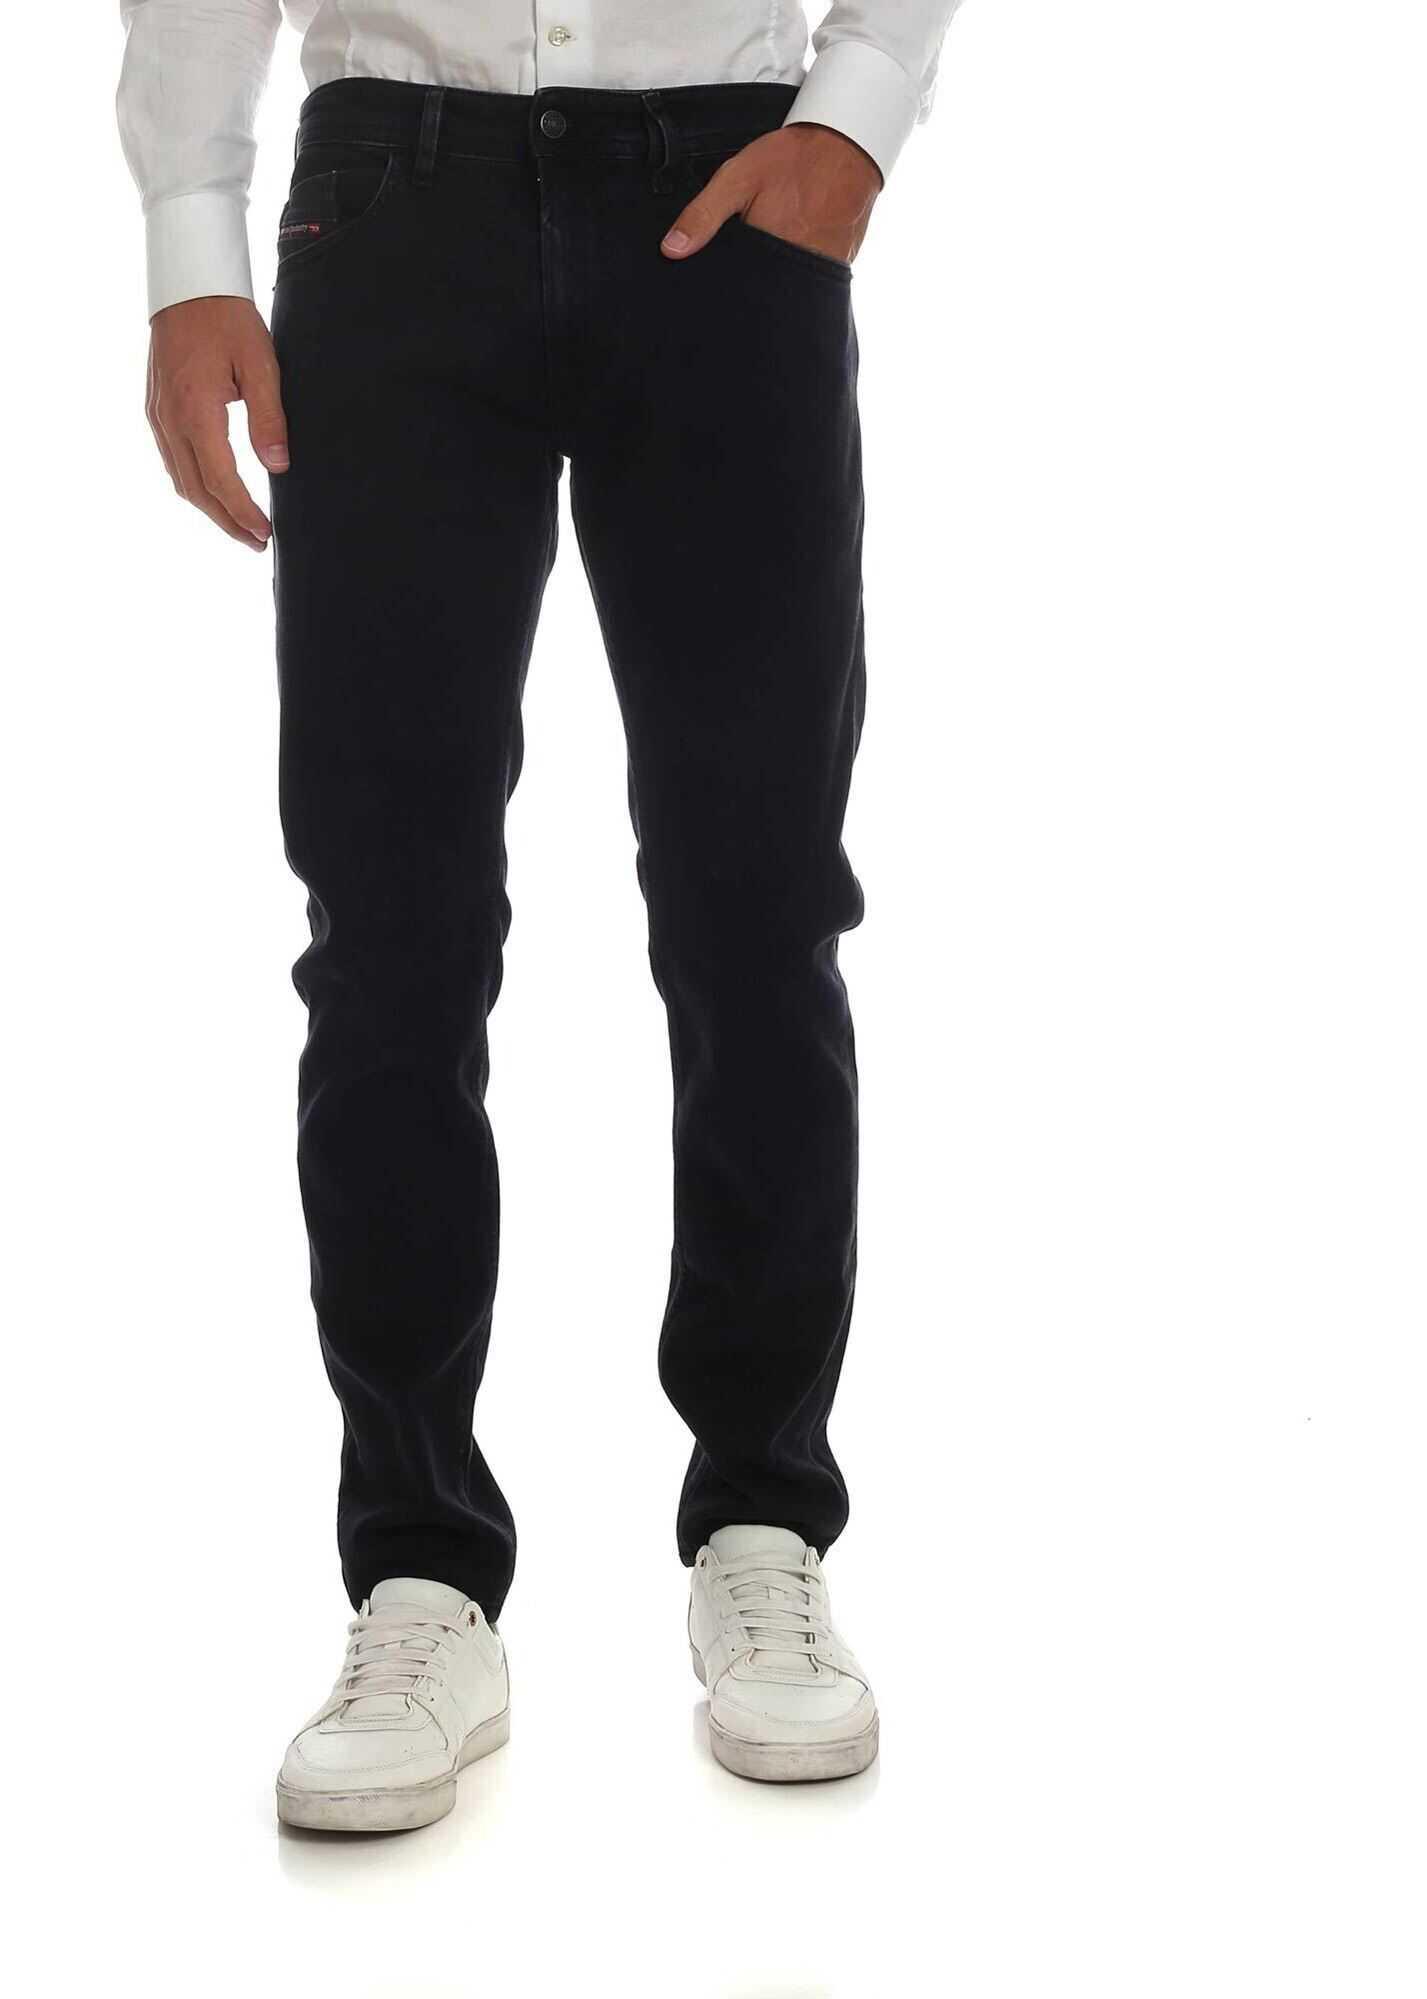 Diesel Tommer Jeans In Black* Black